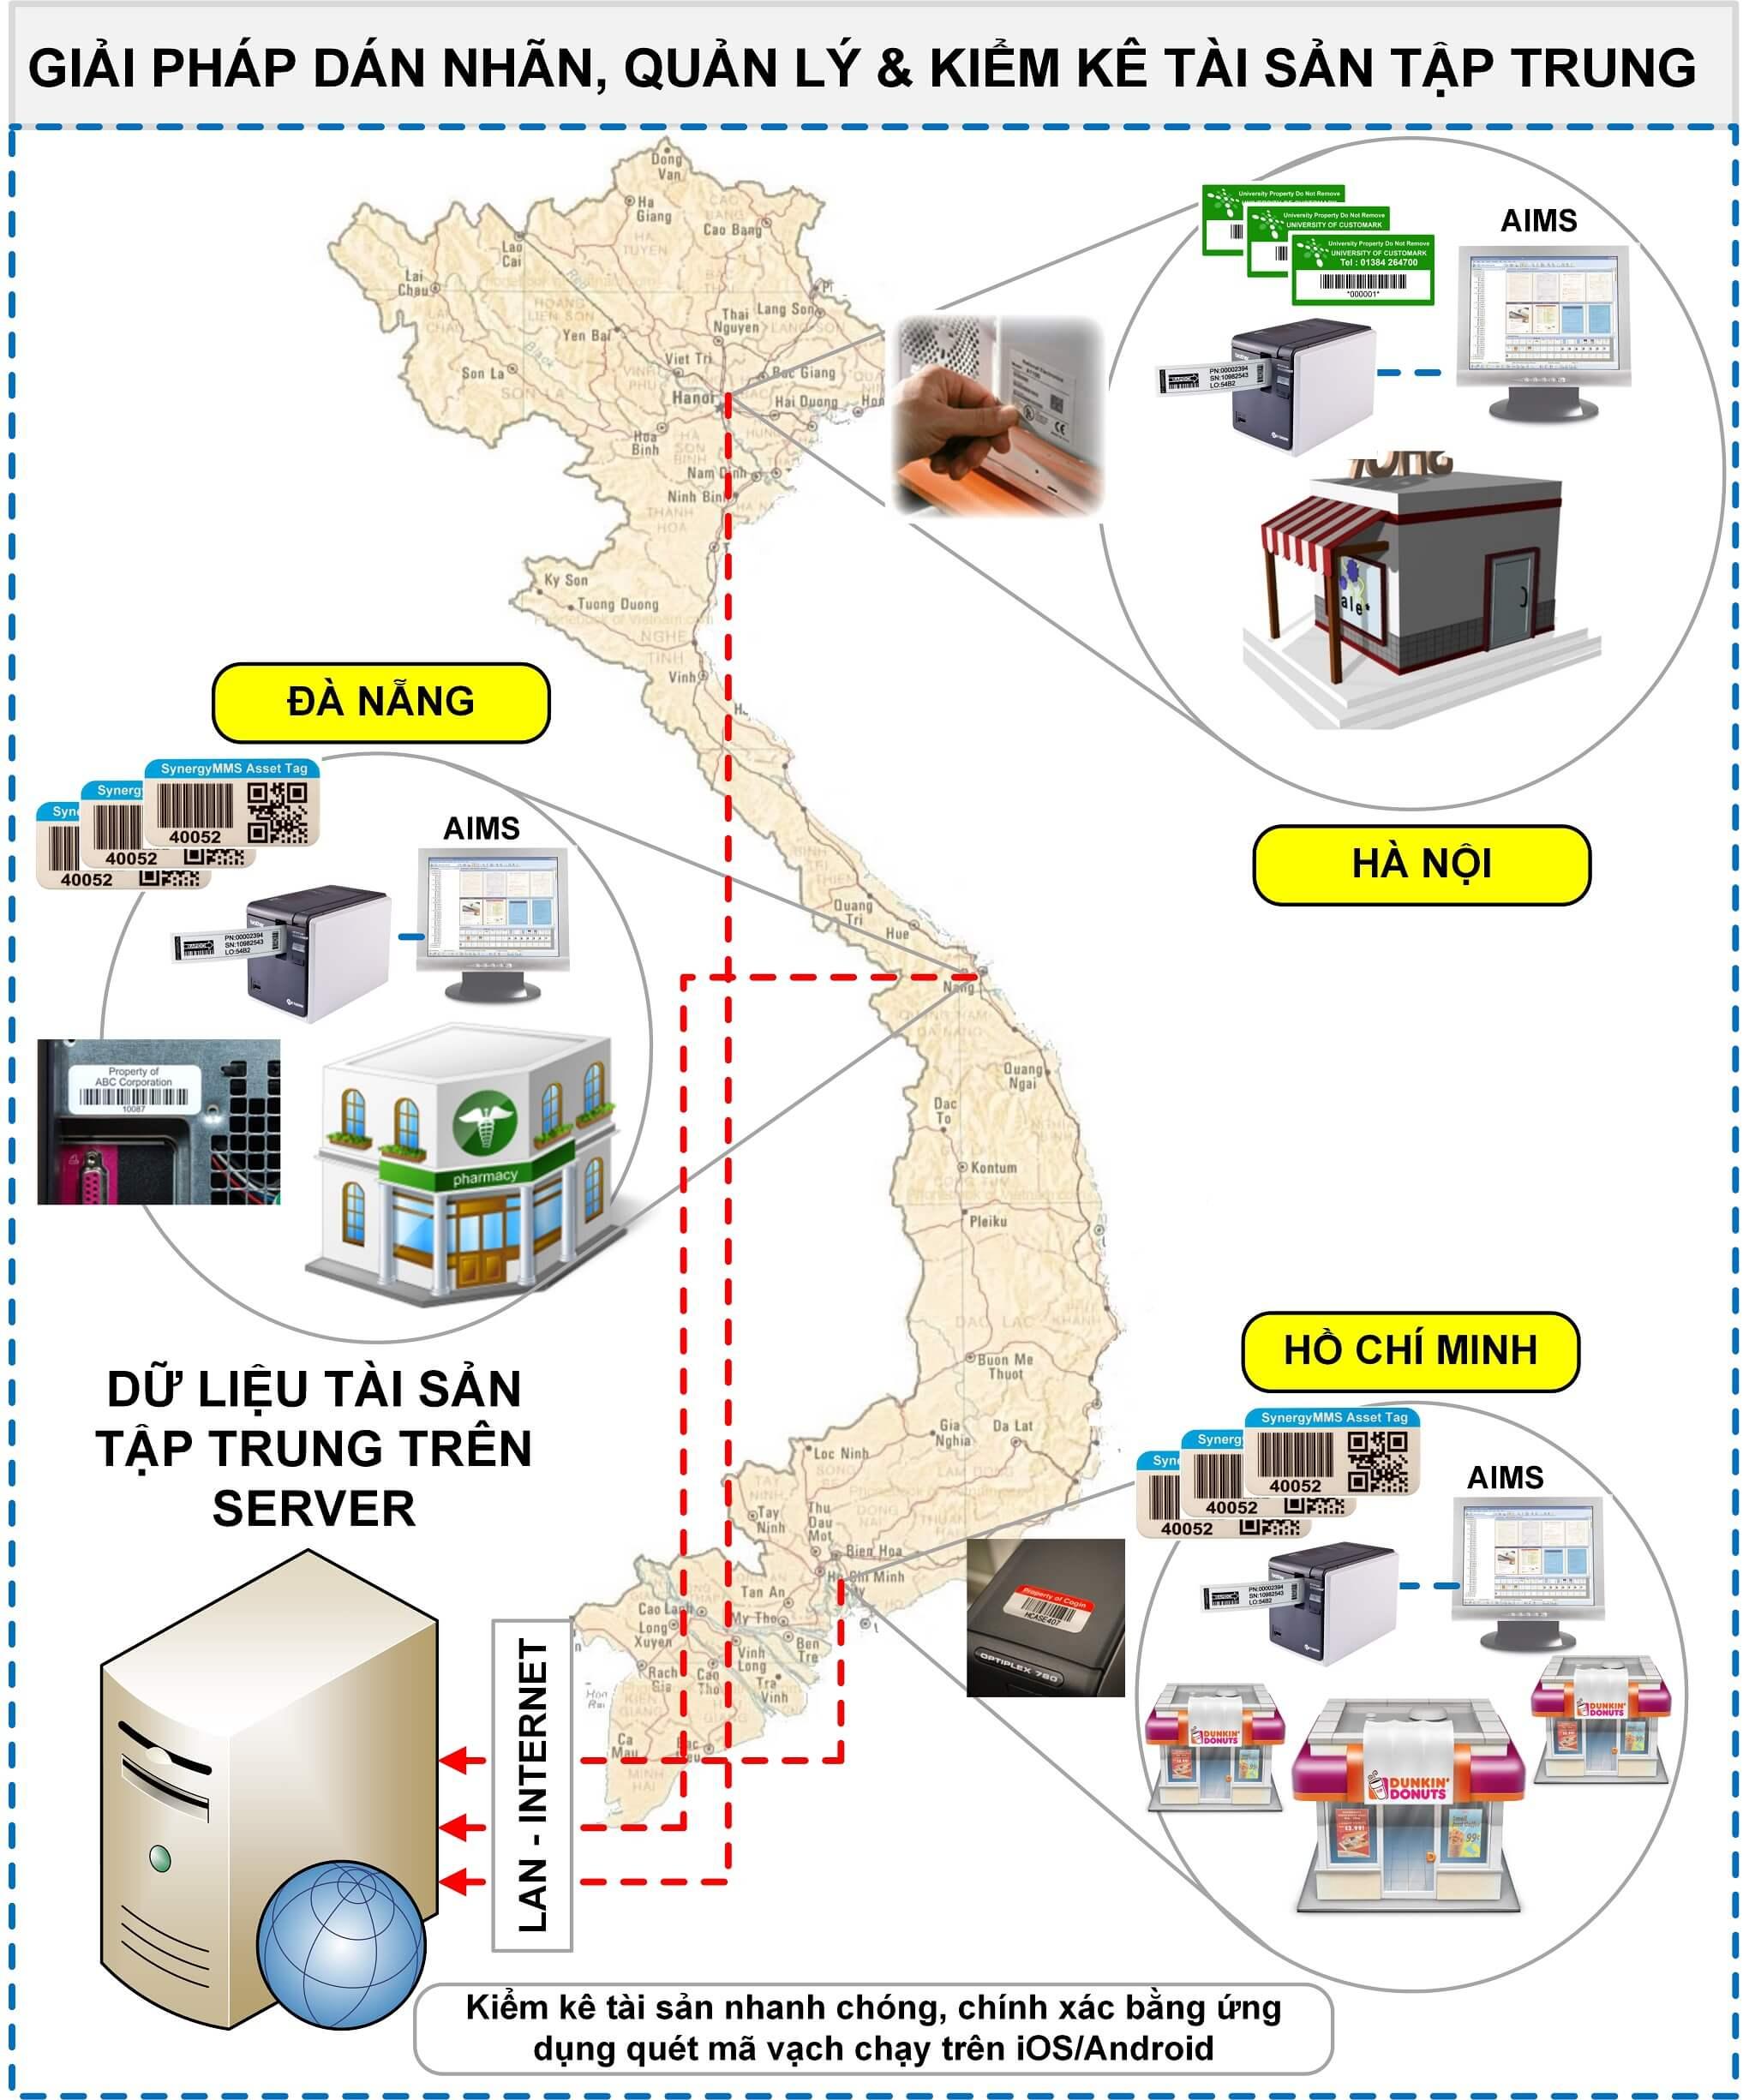 AIMS Giải pháp quản lý và kiểm kê tài sản toàn diện tại Lotte Mart